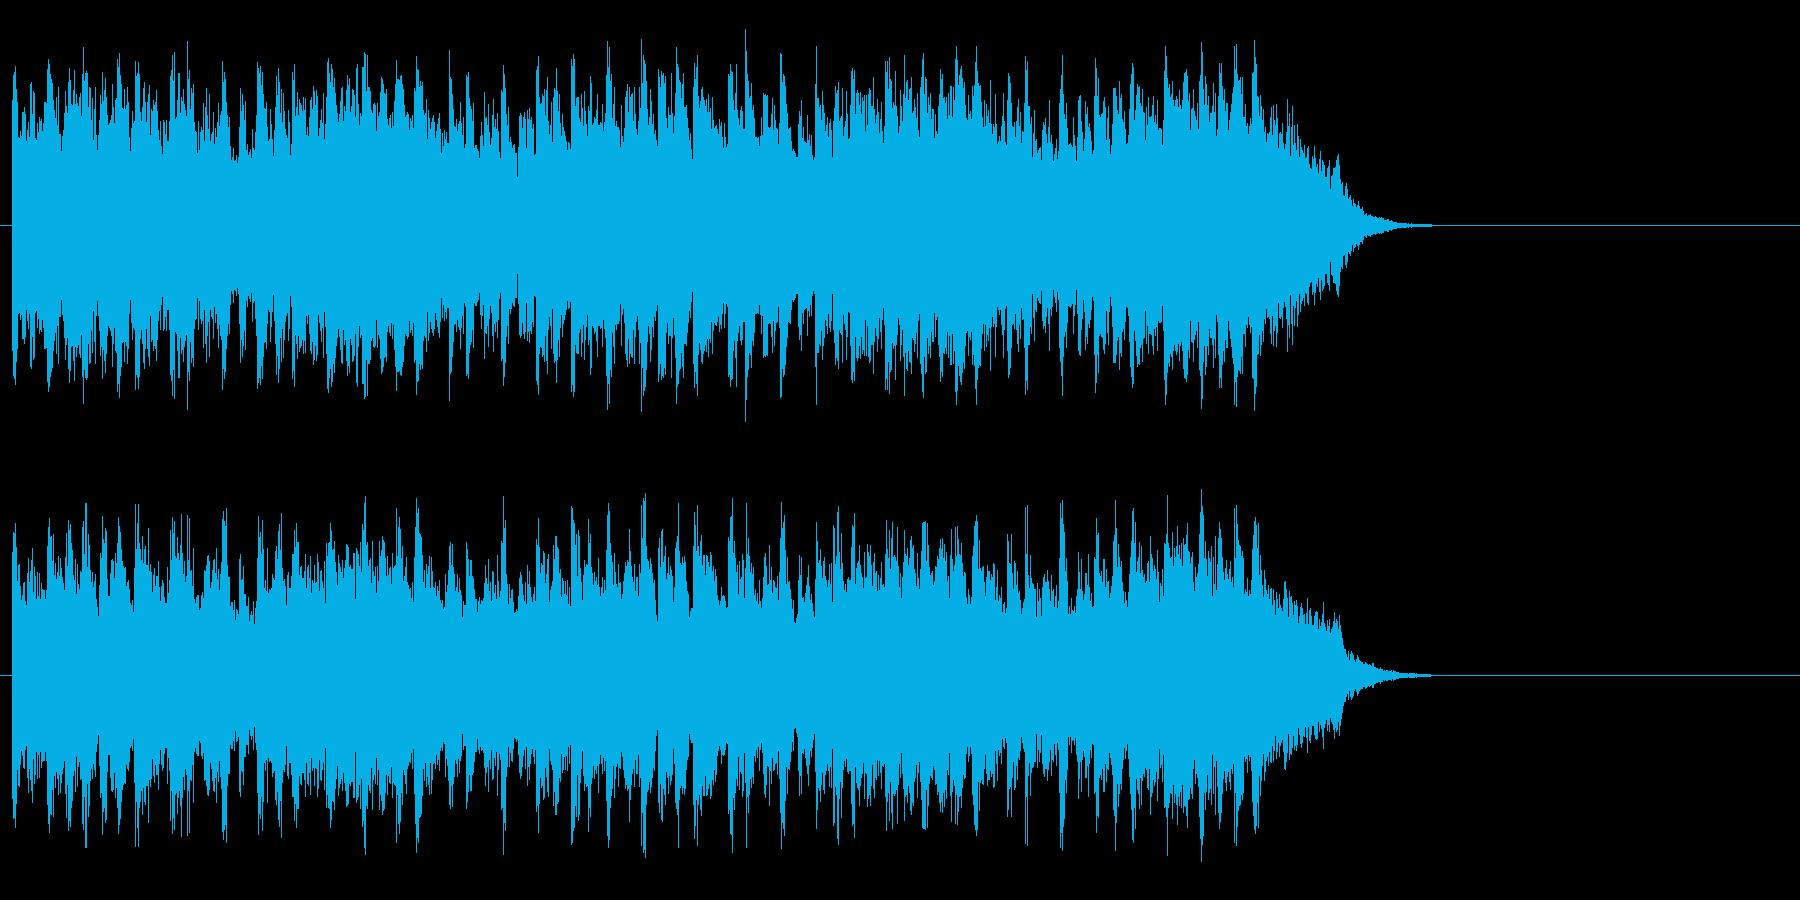 出発のエンディングBGM(サビ)の再生済みの波形